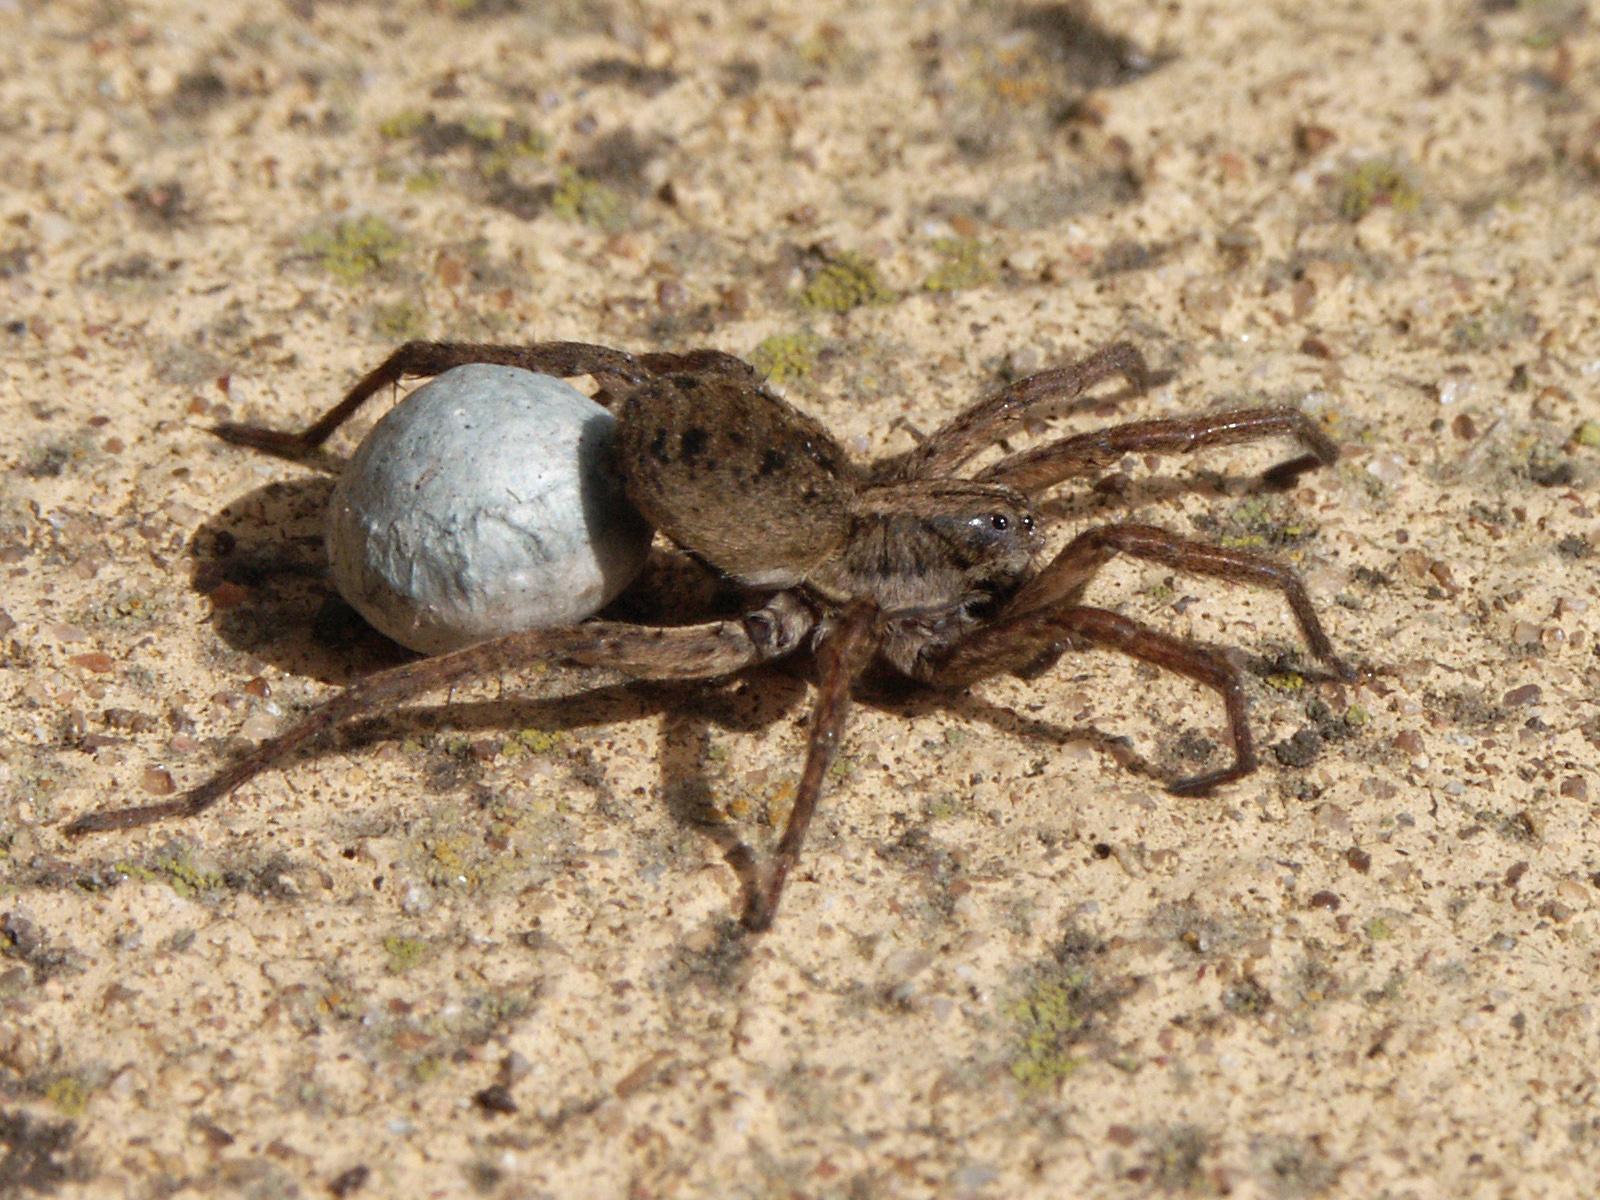 brown widow spider eggs hatch